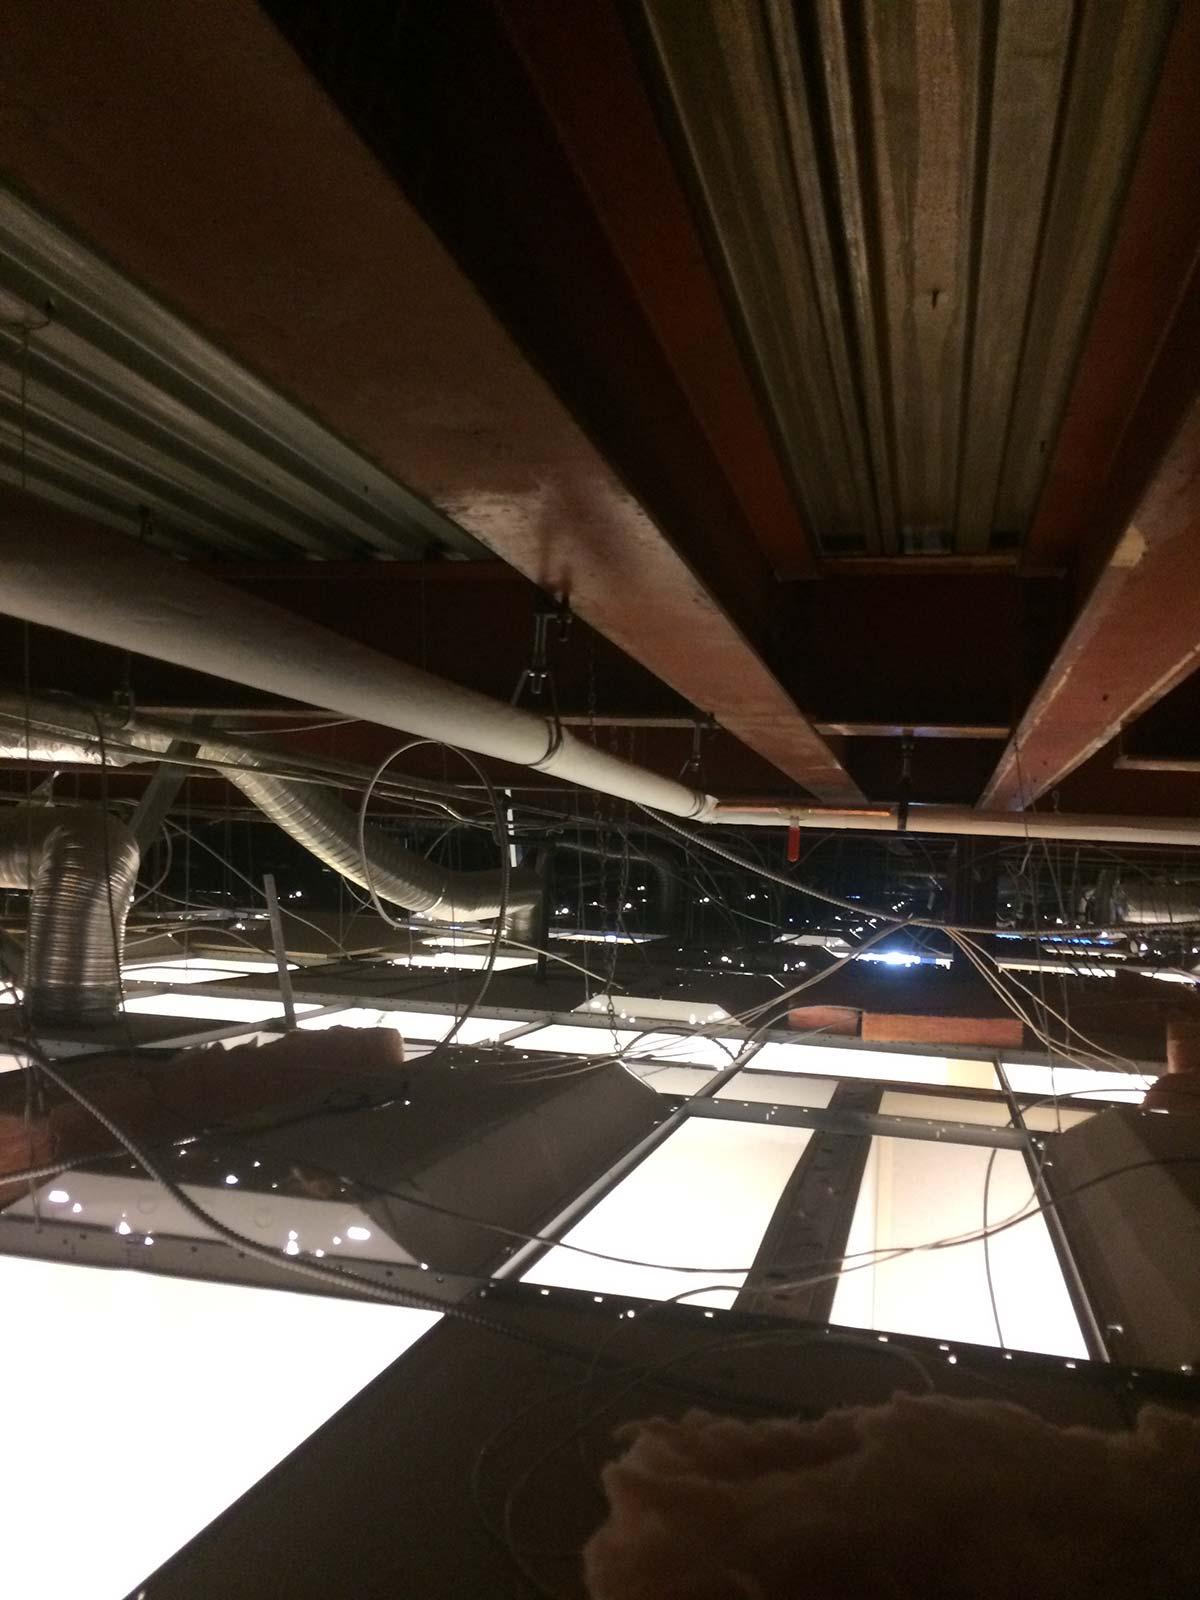 Plumbing in drop ceiling